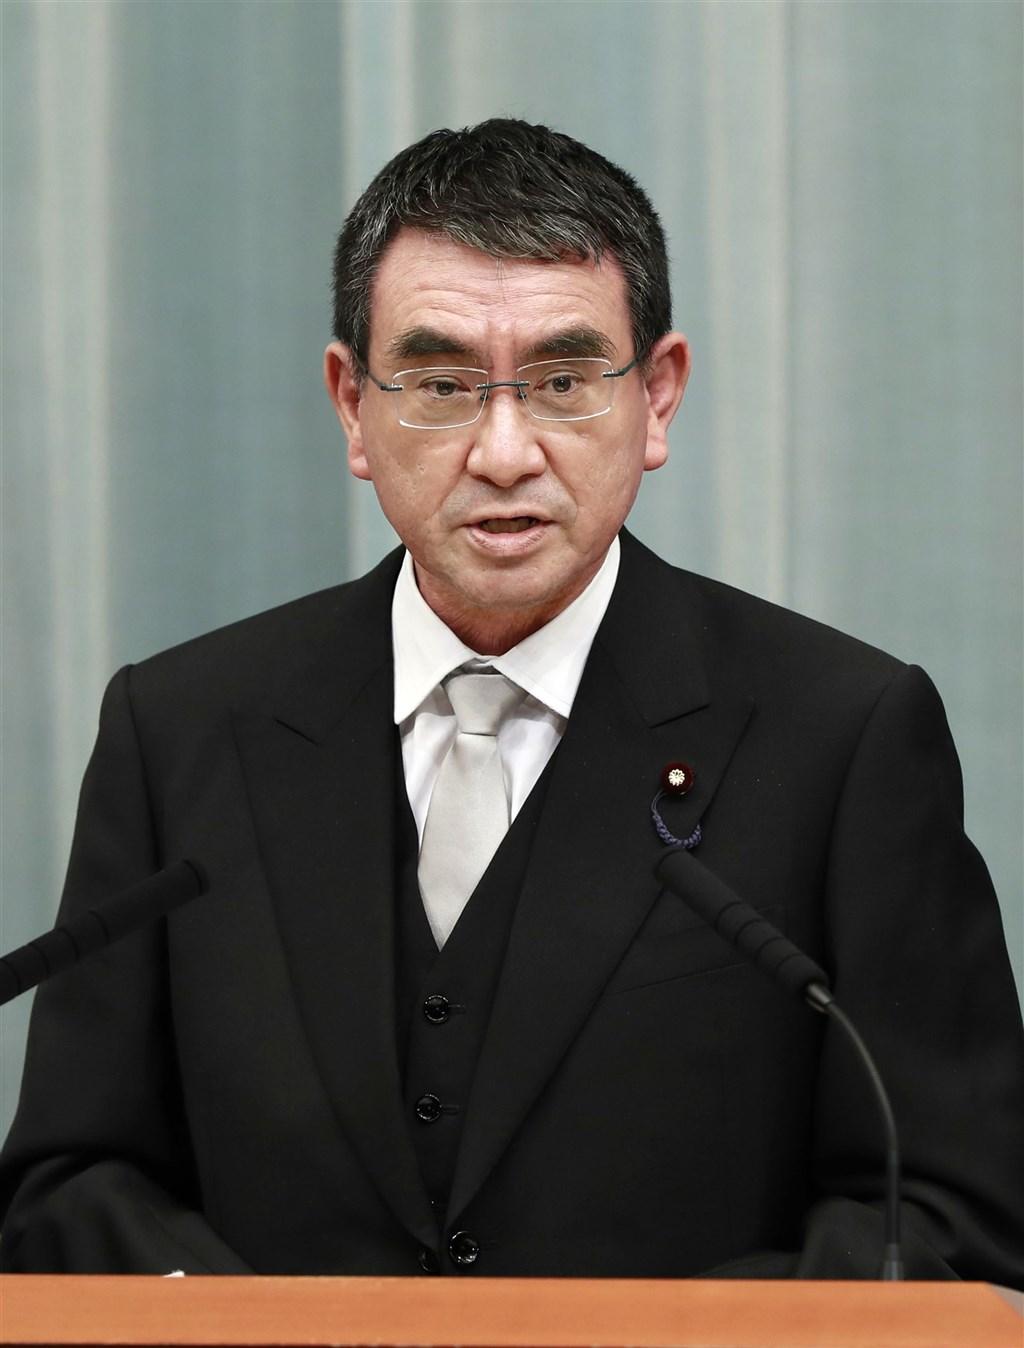 日本新內閣16日上任,自晚間10時50分起,各大臣依序在首相官邸舉行記者會,輪到新任行政改革大臣河野太郎時已經是17日凌晨1時。(共同社)